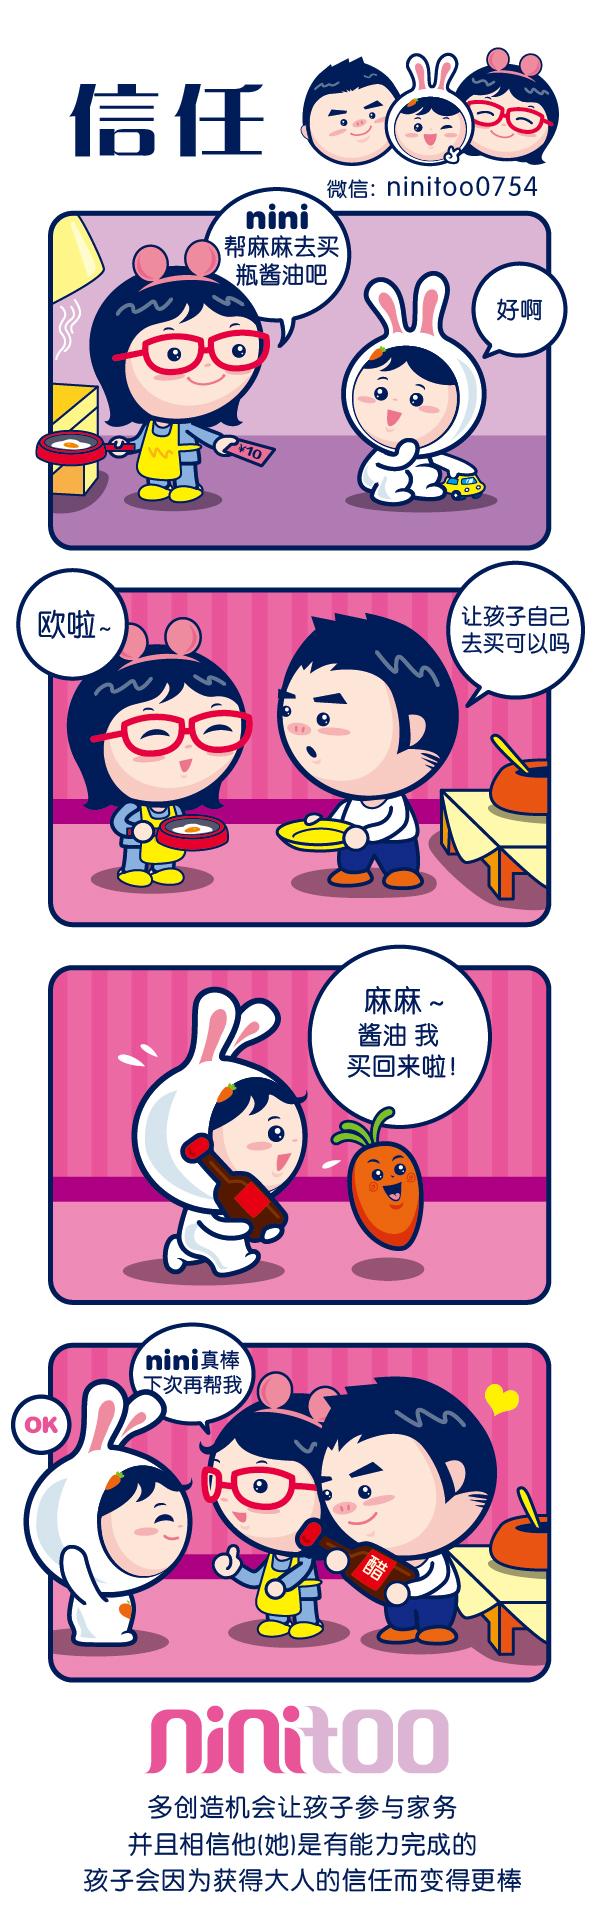 育儿经漫画-19.jpg